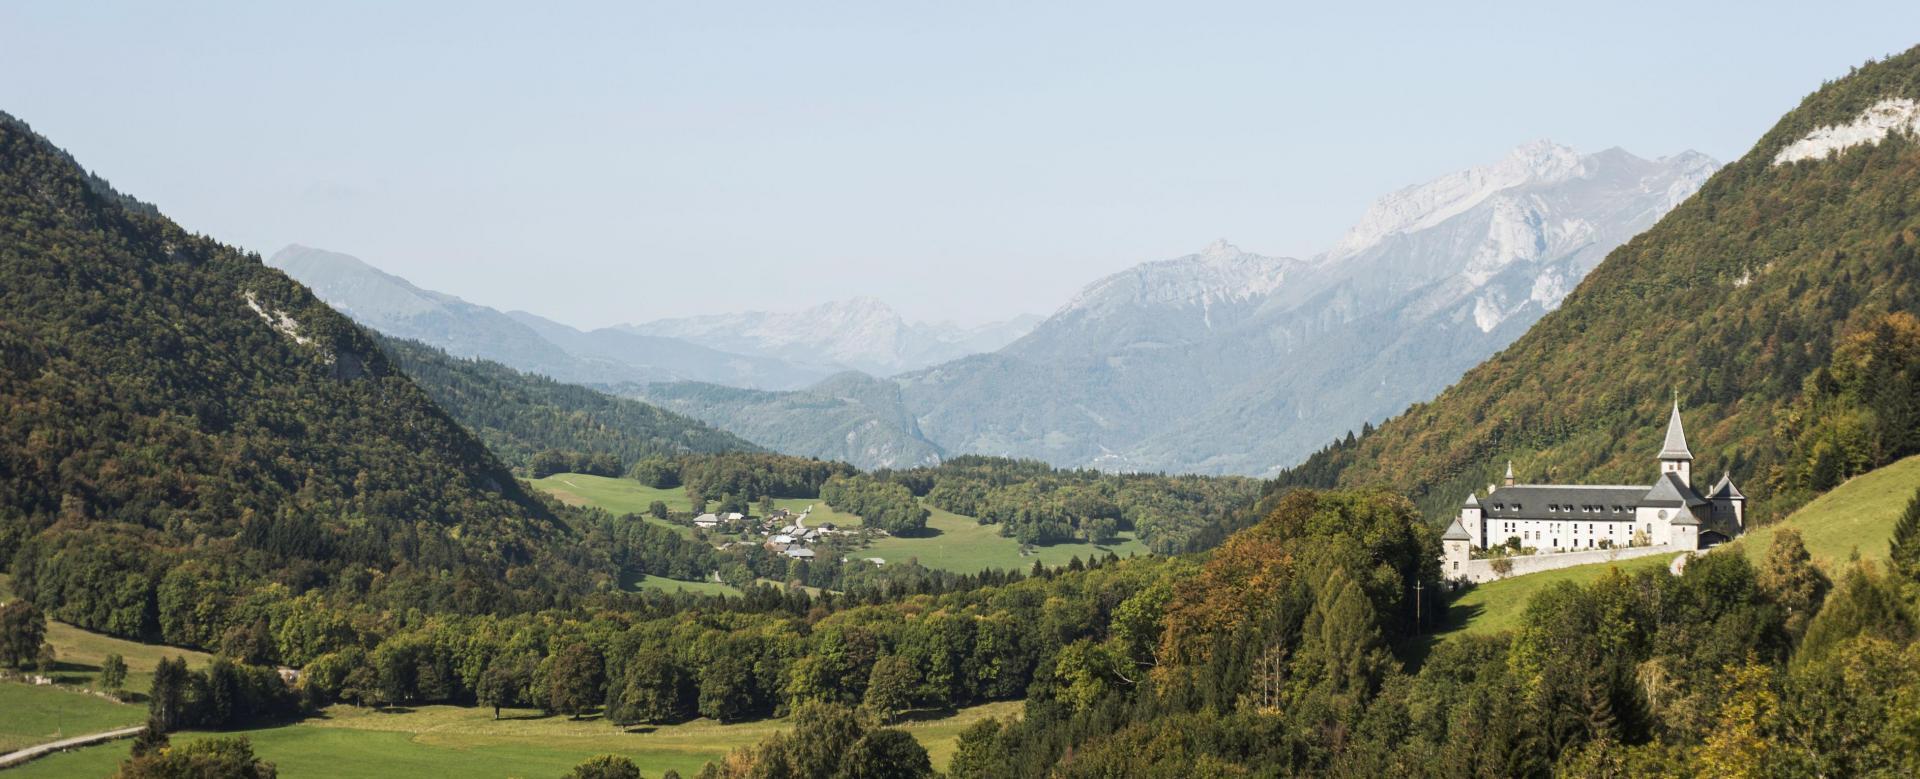 Voyage en véhicule : Traversée des alpes à vélo : de thonon à chambéry